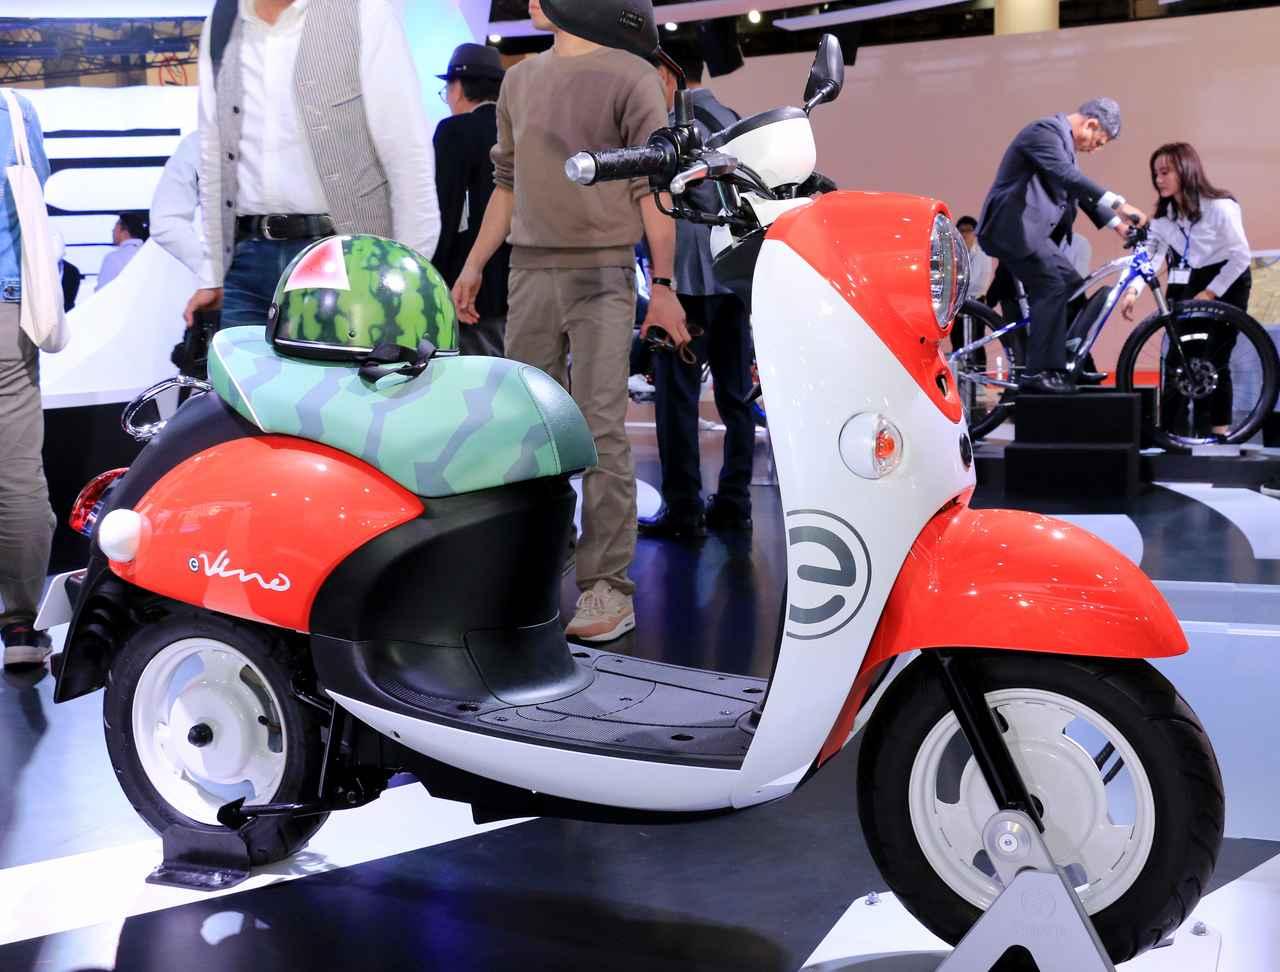 画像2: 『出川哲朗の充電させてもらえませんか?』仕様車です!!